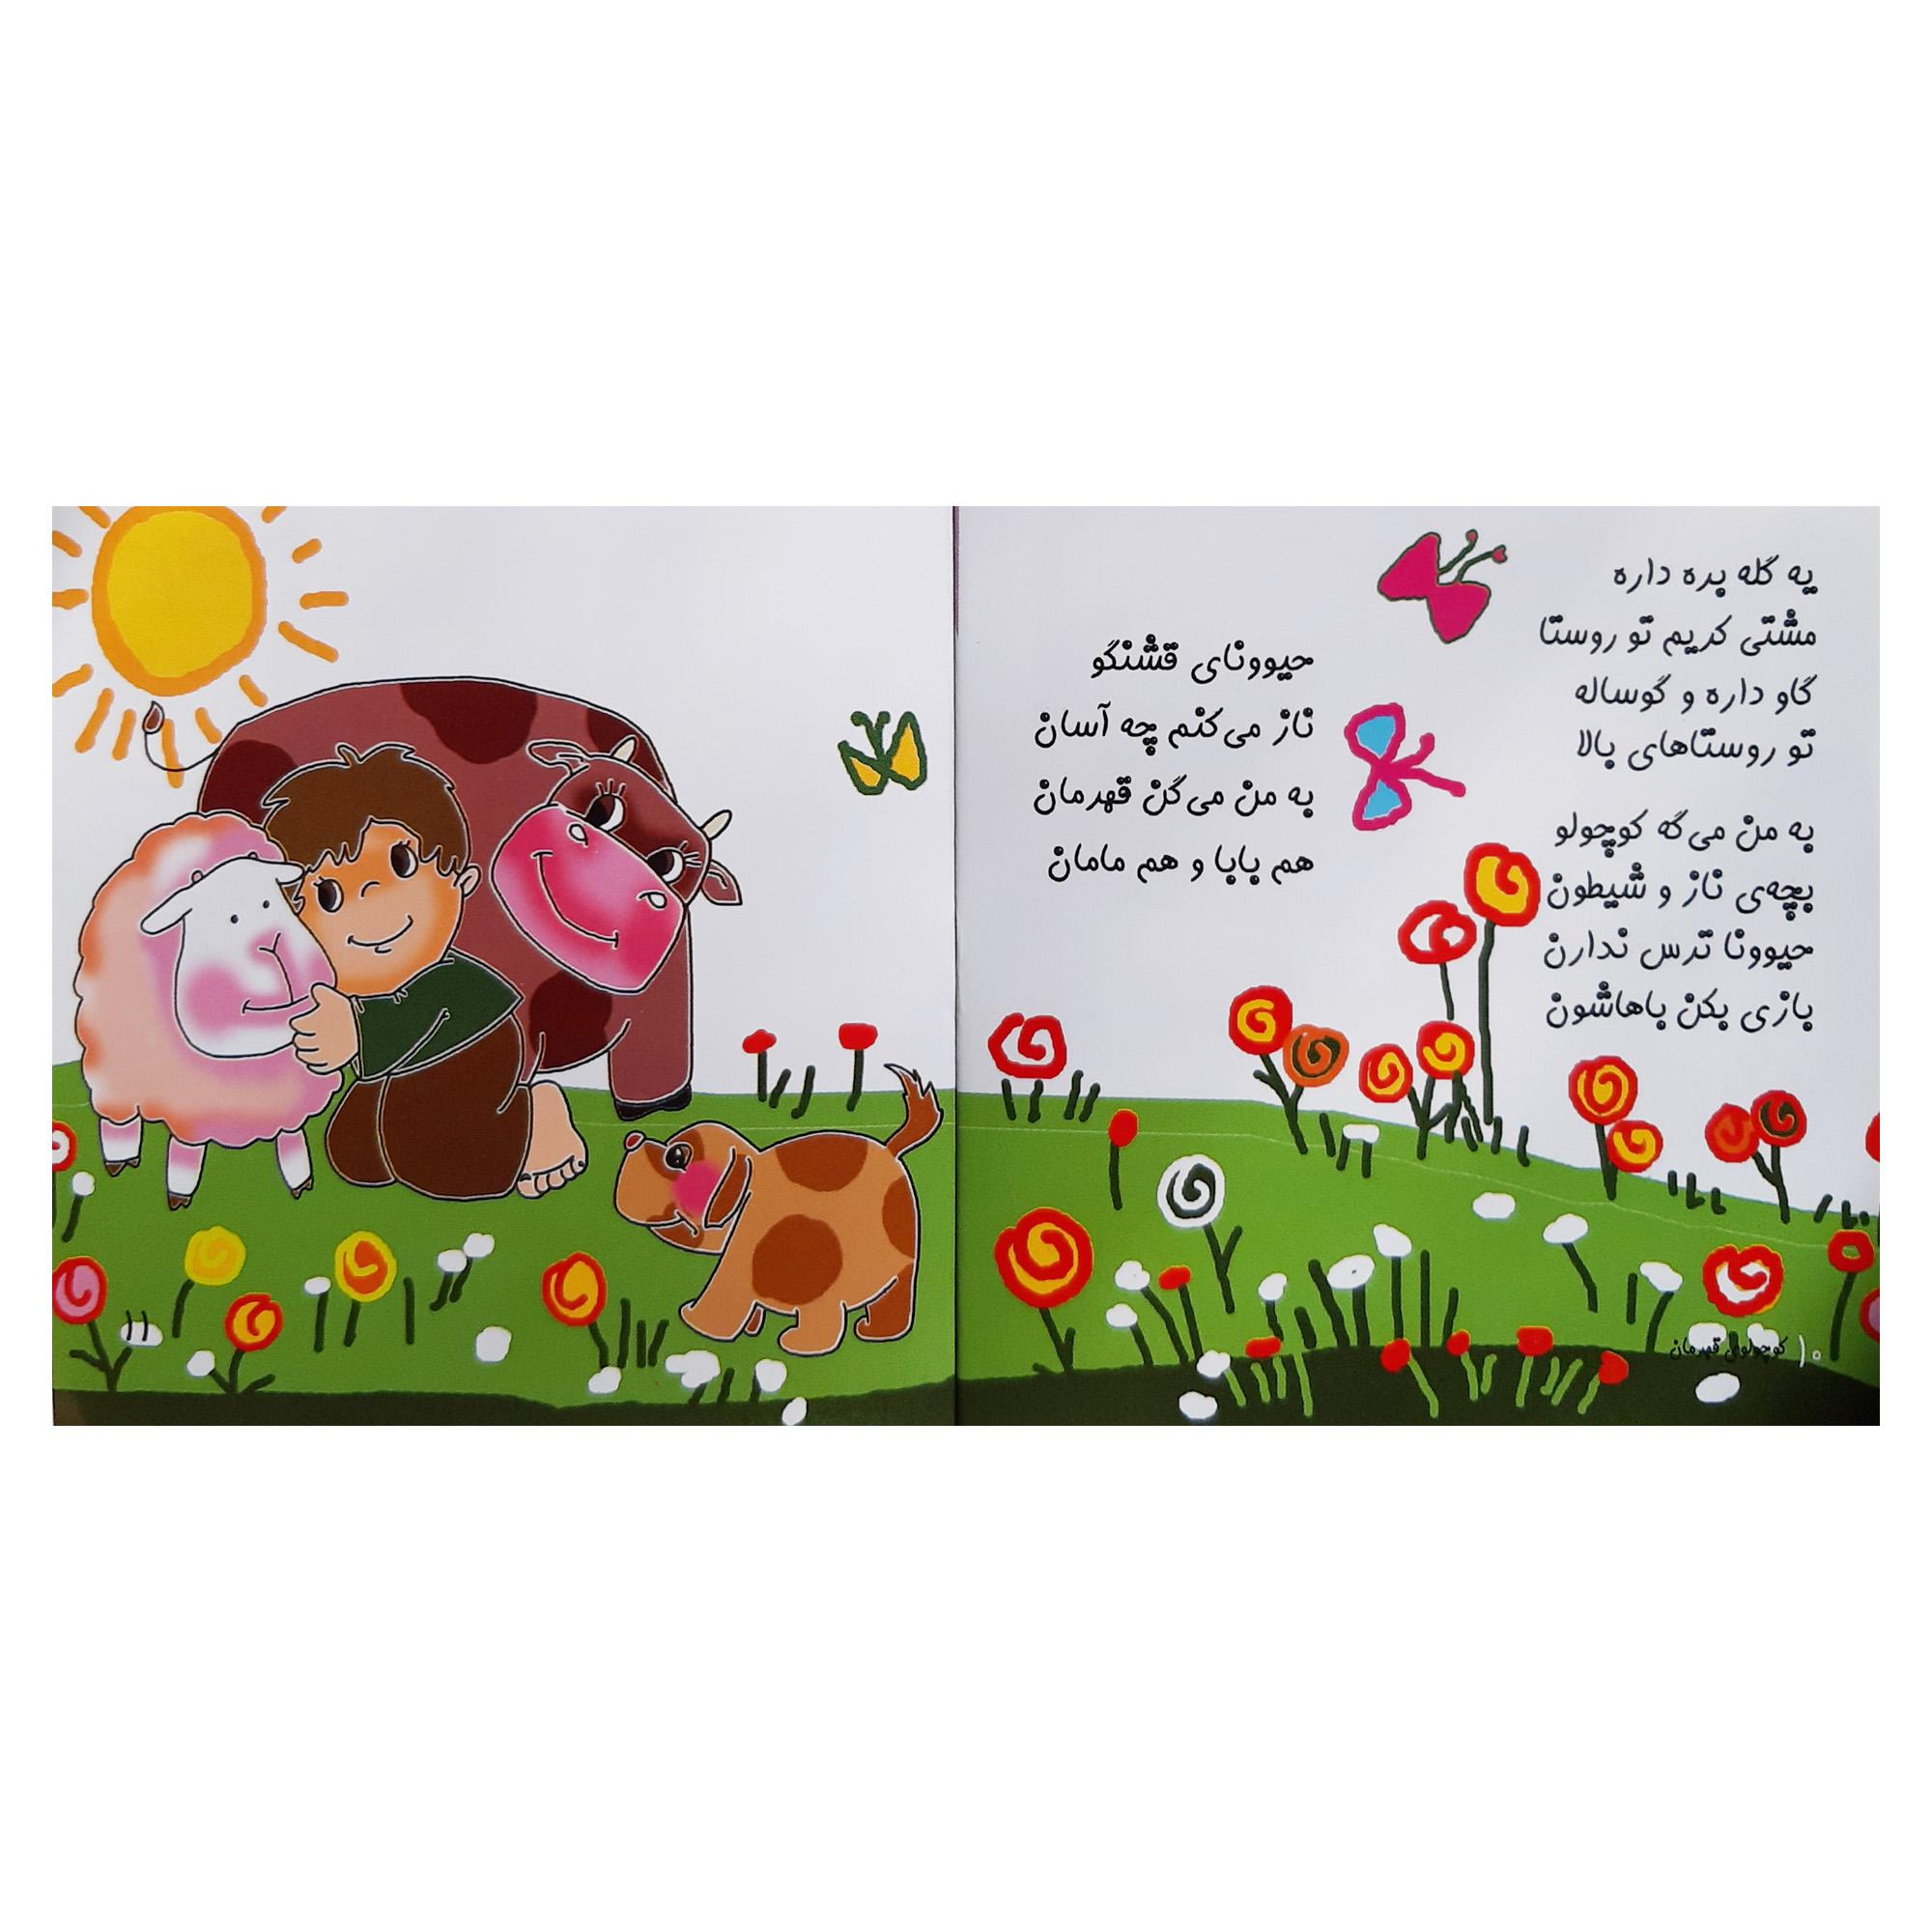 کتاب کوچولوها اثر وجیهه عبدیزدان انتشارات فرهنگ مردم 8 جلدی main 1 16